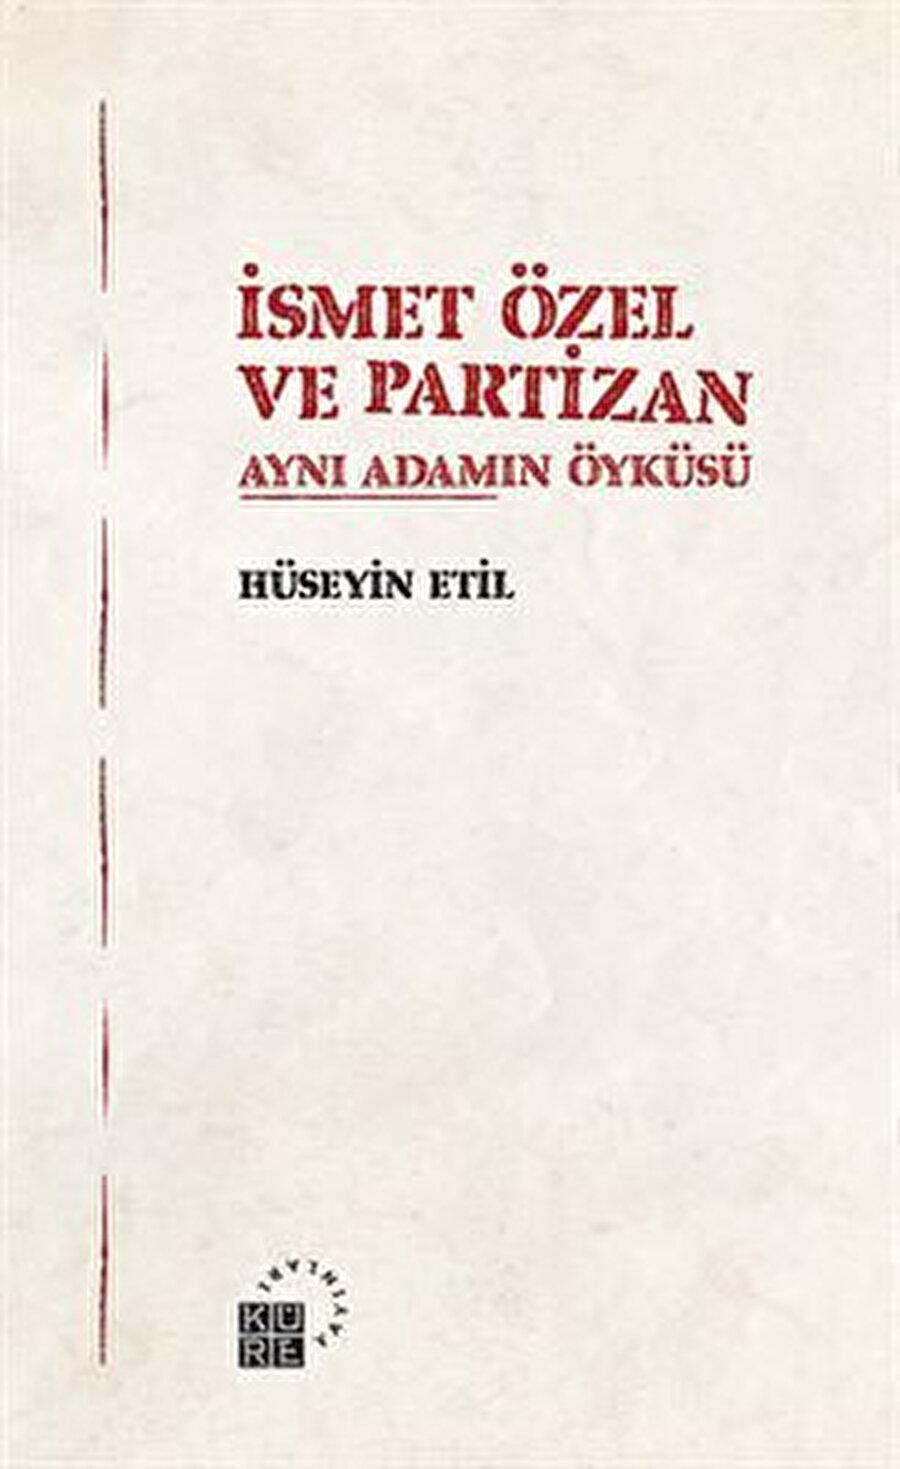 """""""Müslüman"""", """"komünist"""", """"Türk"""", """"şair"""" İsmet Özel'in parçacıl ve eklektik okumalarına karşı çıkılarak, Carl Schmitt'in Partizan Teorisi ışığında tutarlı bir portresi çıkarılmaktadır"""